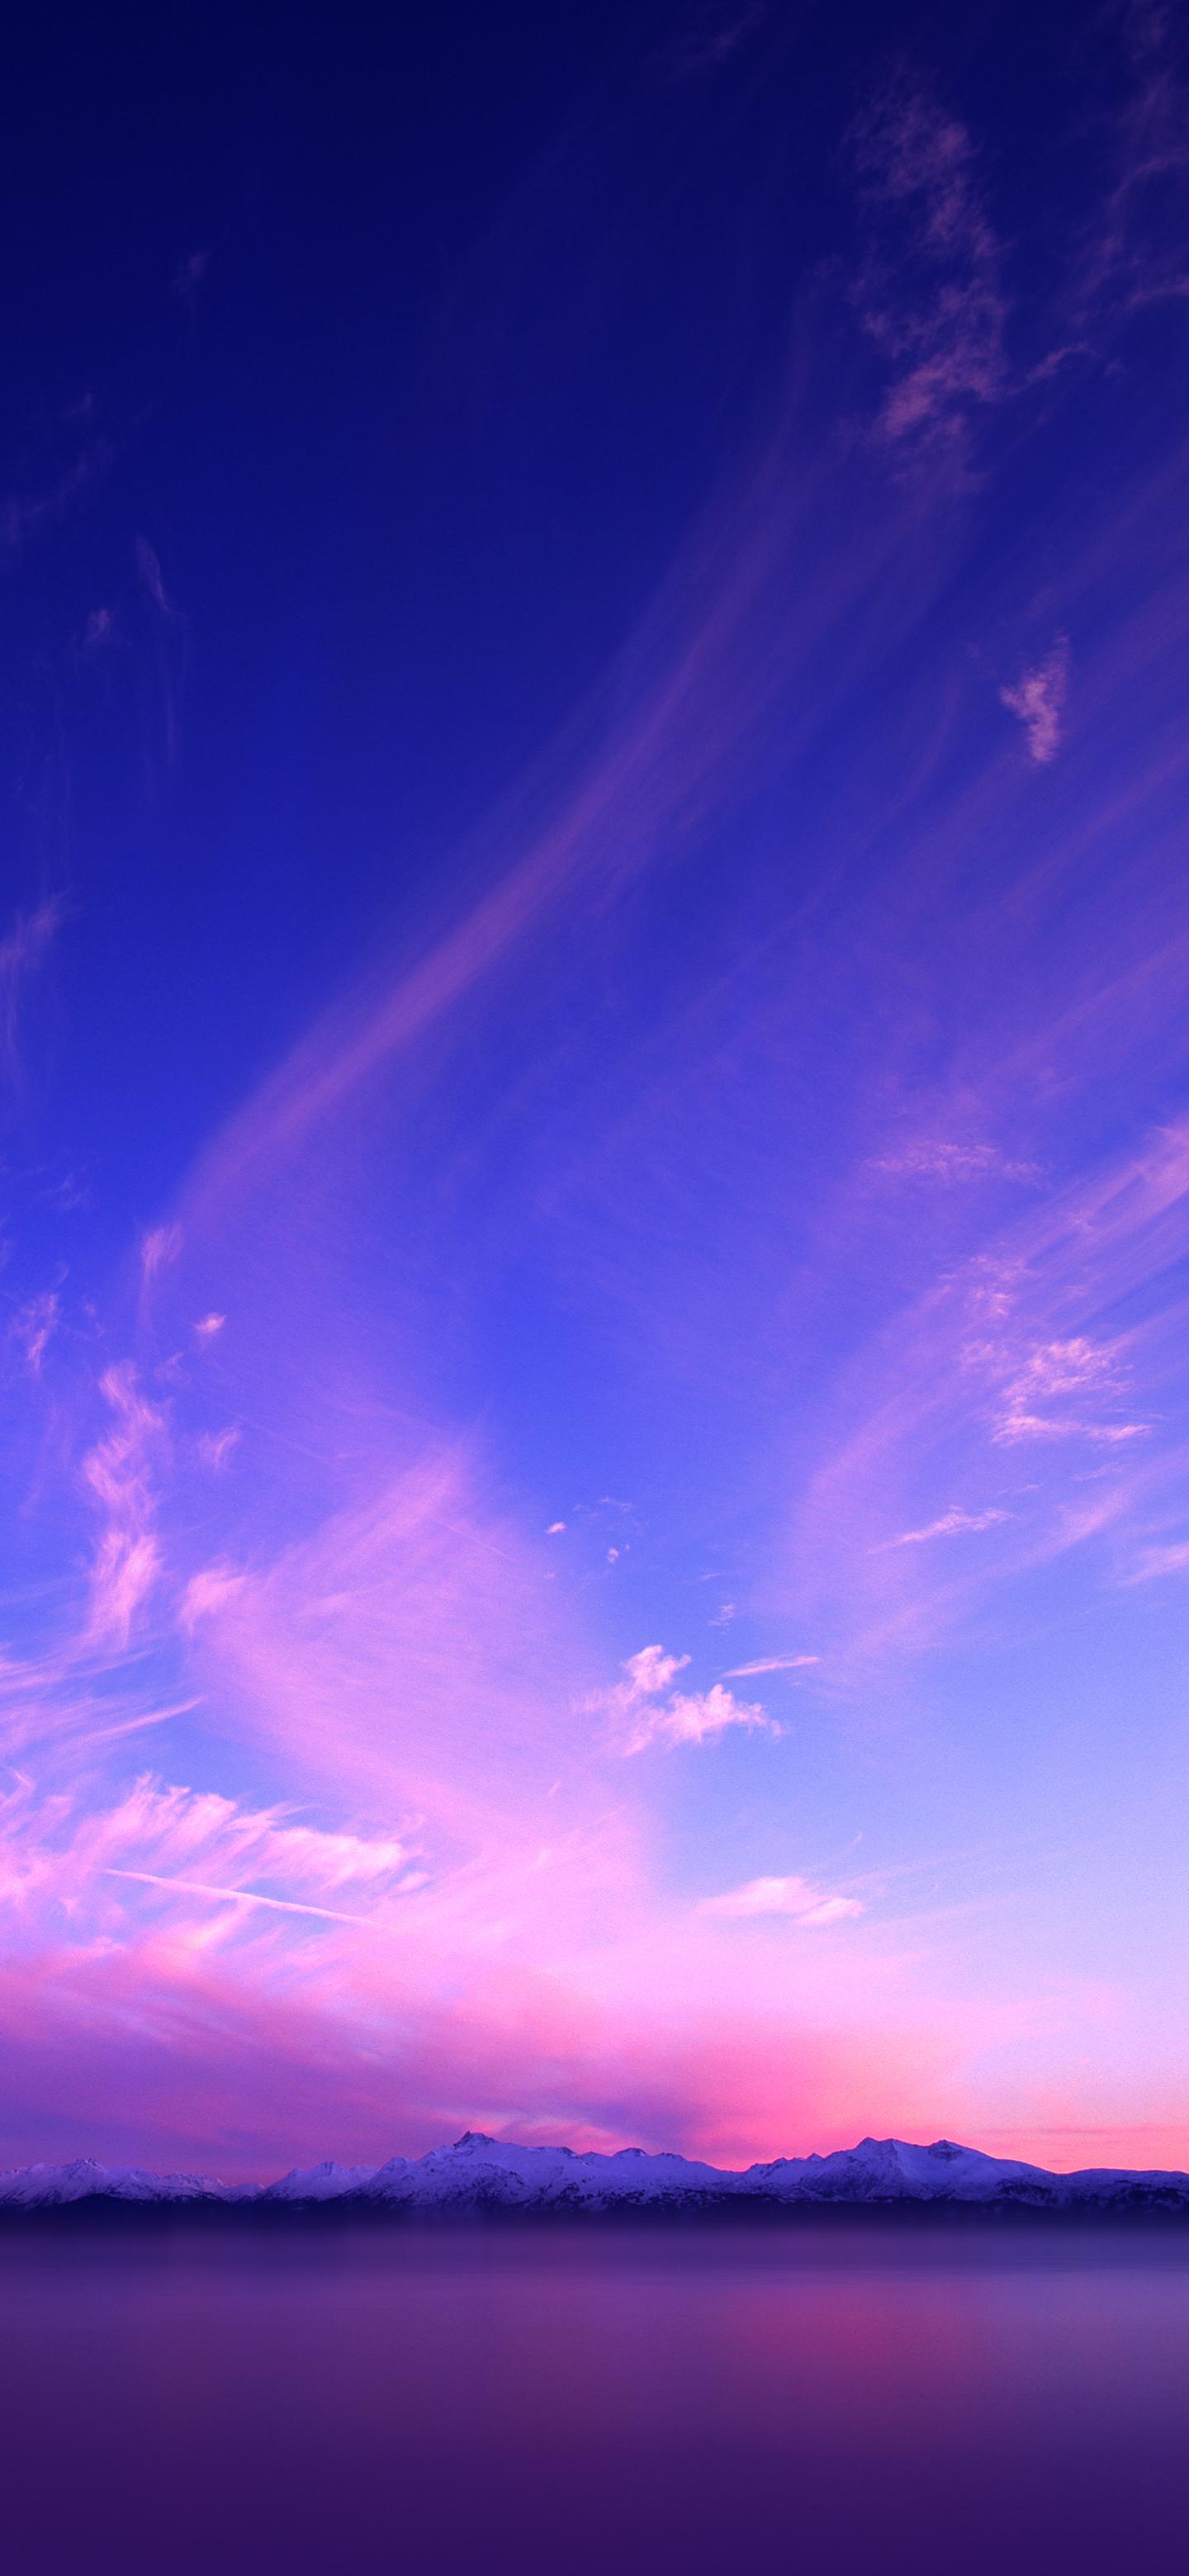 背景 壁纸 风景 天空 桌面 1440_3120 竖版 竖屏 手机